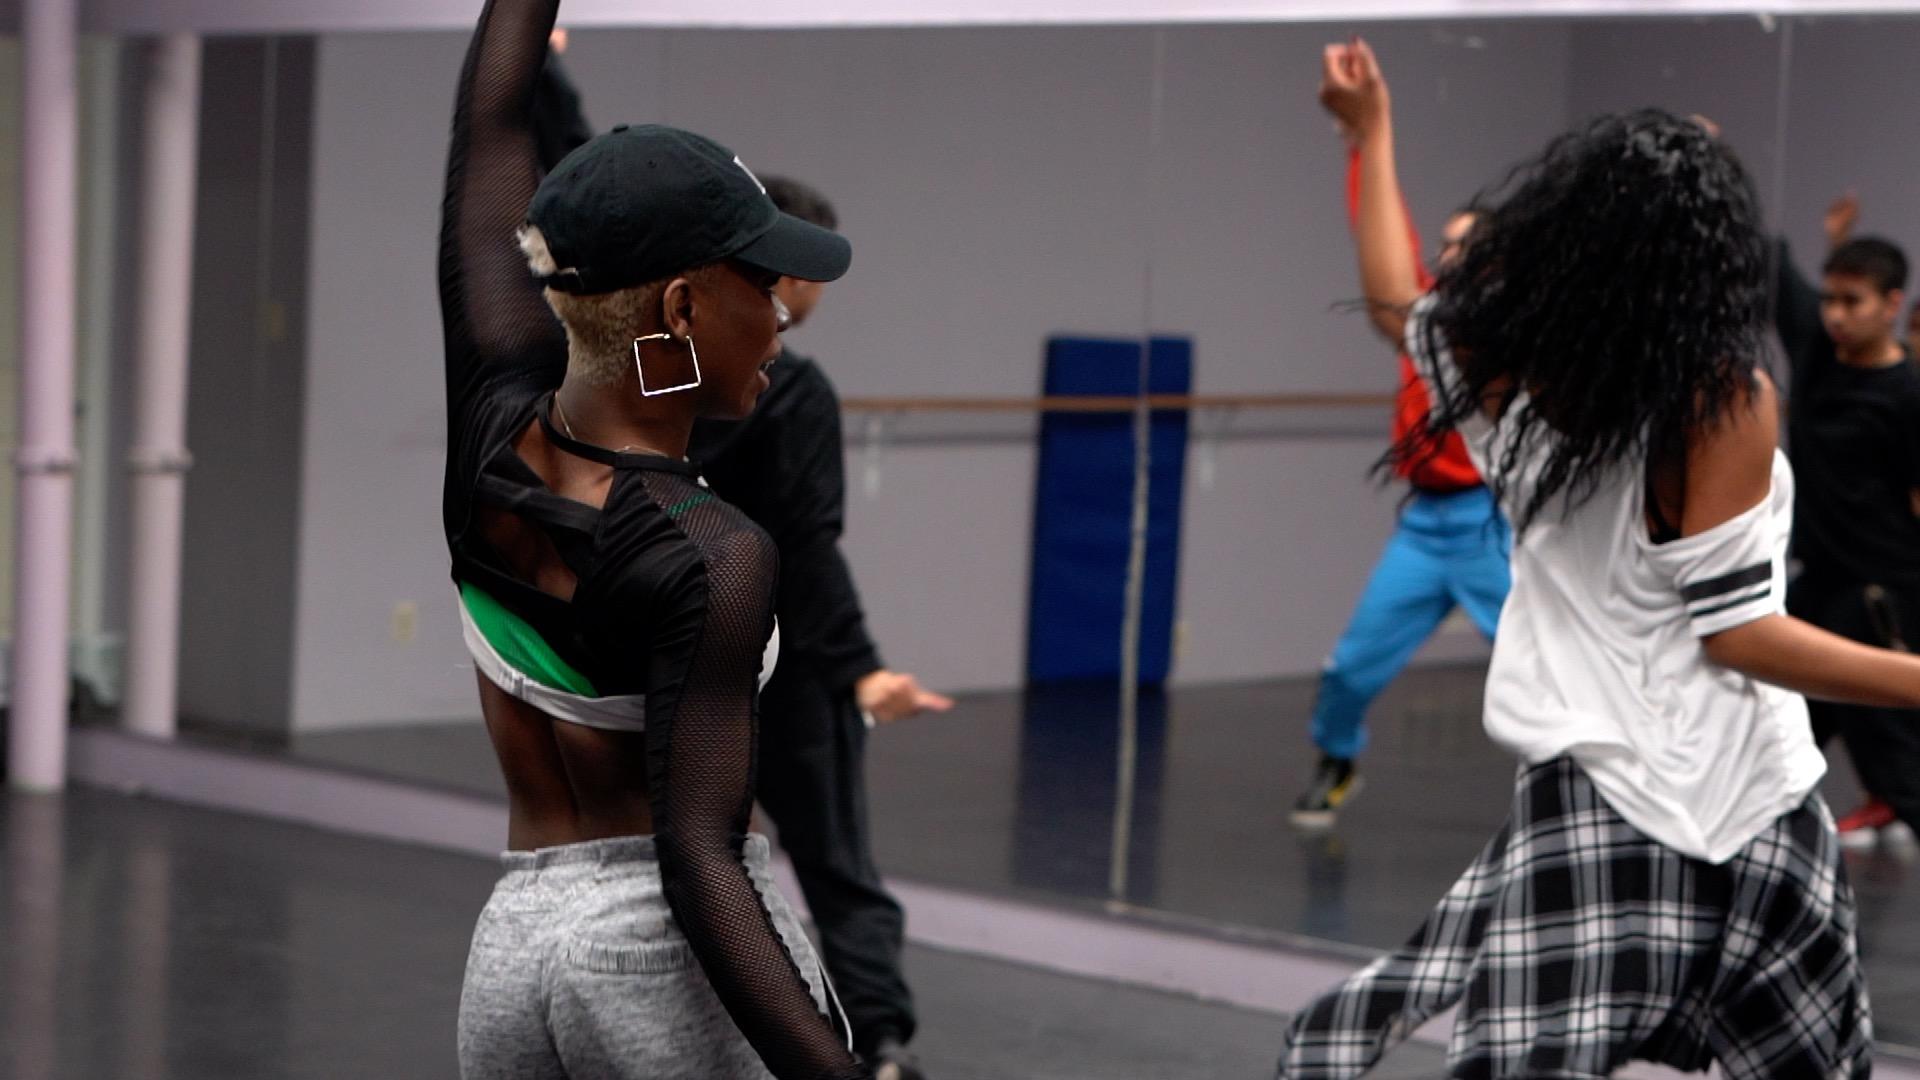 Femme Noir Featurette: Janet Jackson